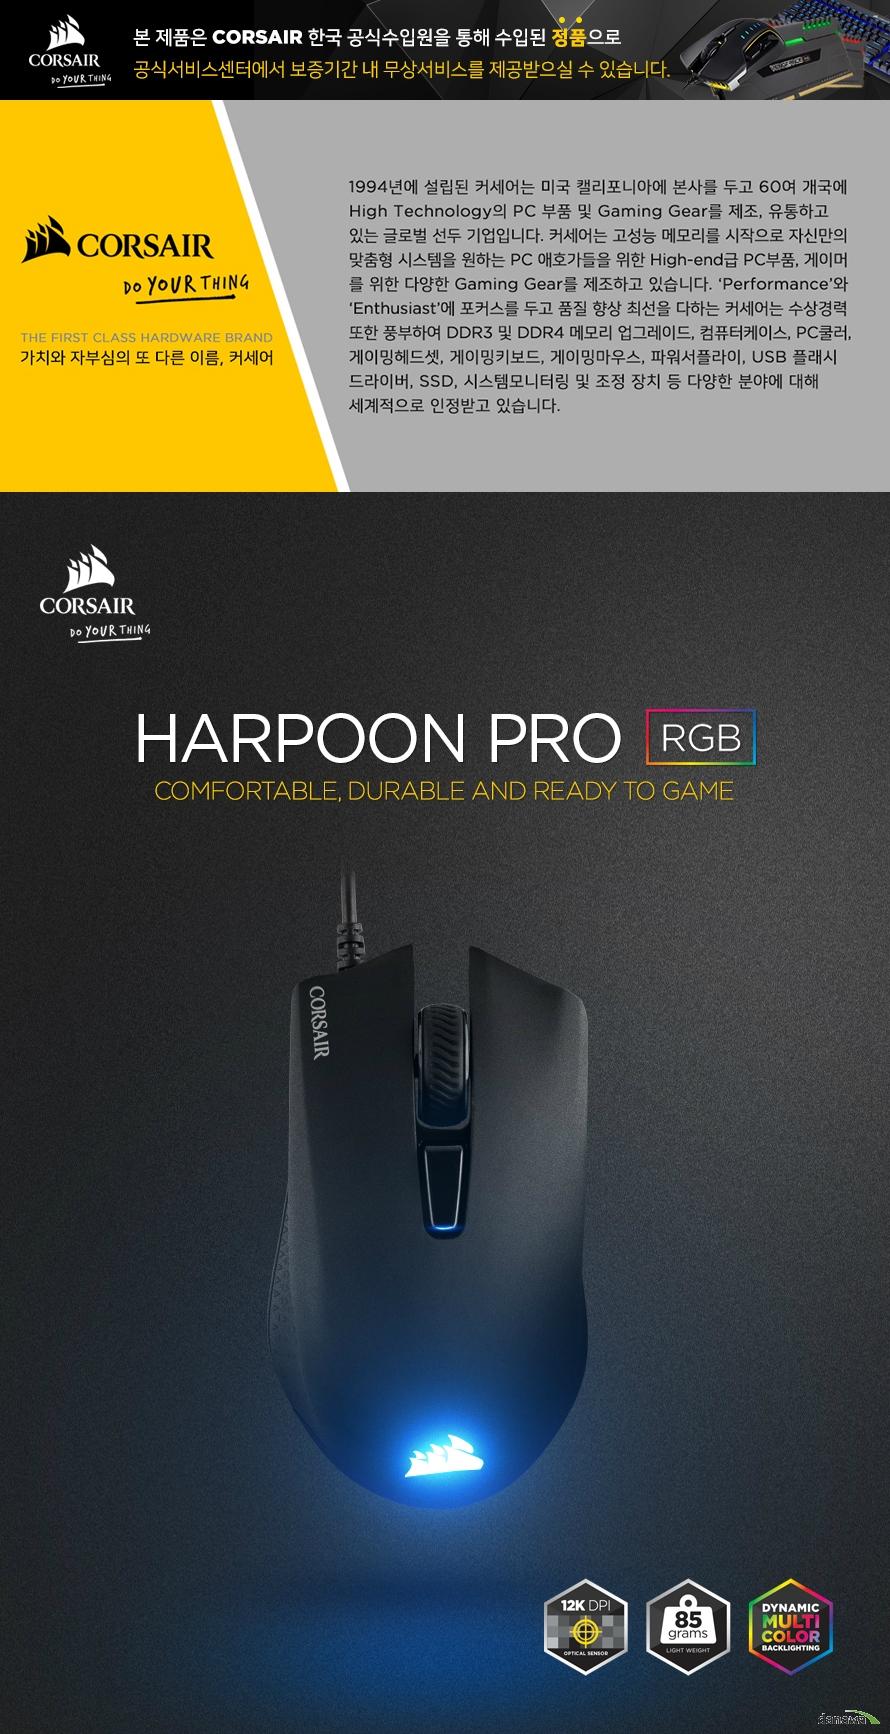 품명 및 모델명 : HARPOON PRO RGB 마우스 / RGP0074 KC 인증 필 여부 : R-R-CSI-RGP0074 정격전압, 소비전력, 에너지소비효율등급 : 해당없음 동일모델의 출시년월 : 2019년 5월 제조자 또는 수입자 : 커세어 / (주)컴스빌 제조국 : China 크기, 무게 : 111.5mm x 68.3mm x 40.4mm / 85g 주요사양 : 마우스 / 광 / 6버튼 / 유선 / PMW 3327 / 12,000 DPI / 소프트웨어 지원 / 내장메모리 / LED 튜닝 제품 / 게이밍 마우스 / OMRON 스위치 / 케이블 1.8mm / 무상 2년 A/S 품질보증기준 : 구매일로부터 2년 (보증기간내 제품 하자로 인한 무상 A/S 가능) A/S 책임자와 전화번호 : 커세어 고객지원센터 1522-1460